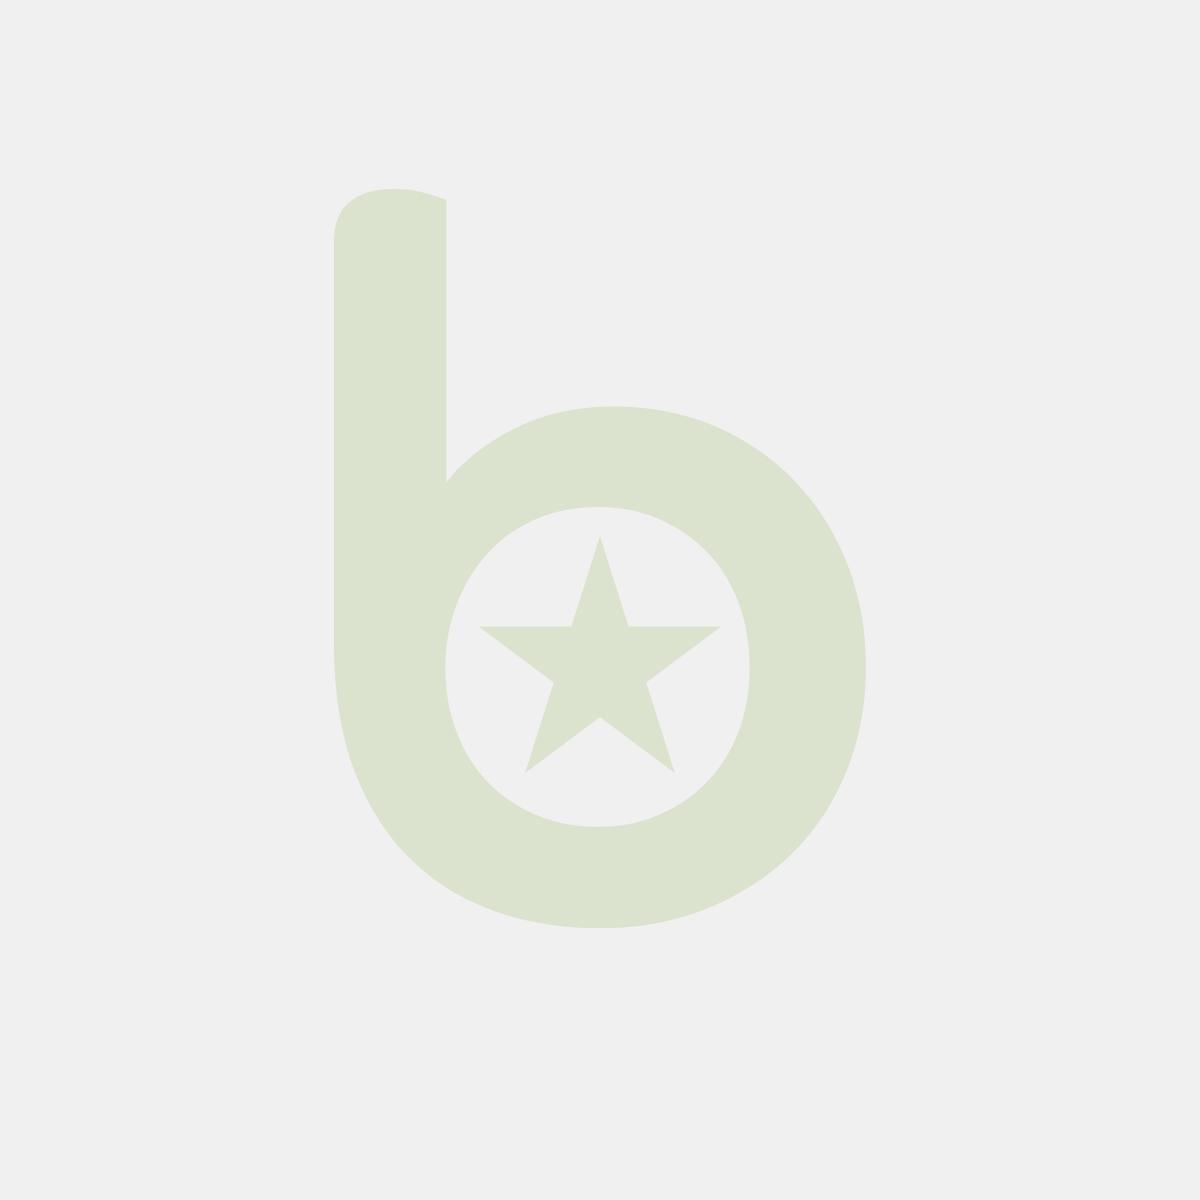 Fontanna / świeca tortowa 12cm opakowanie 4szt